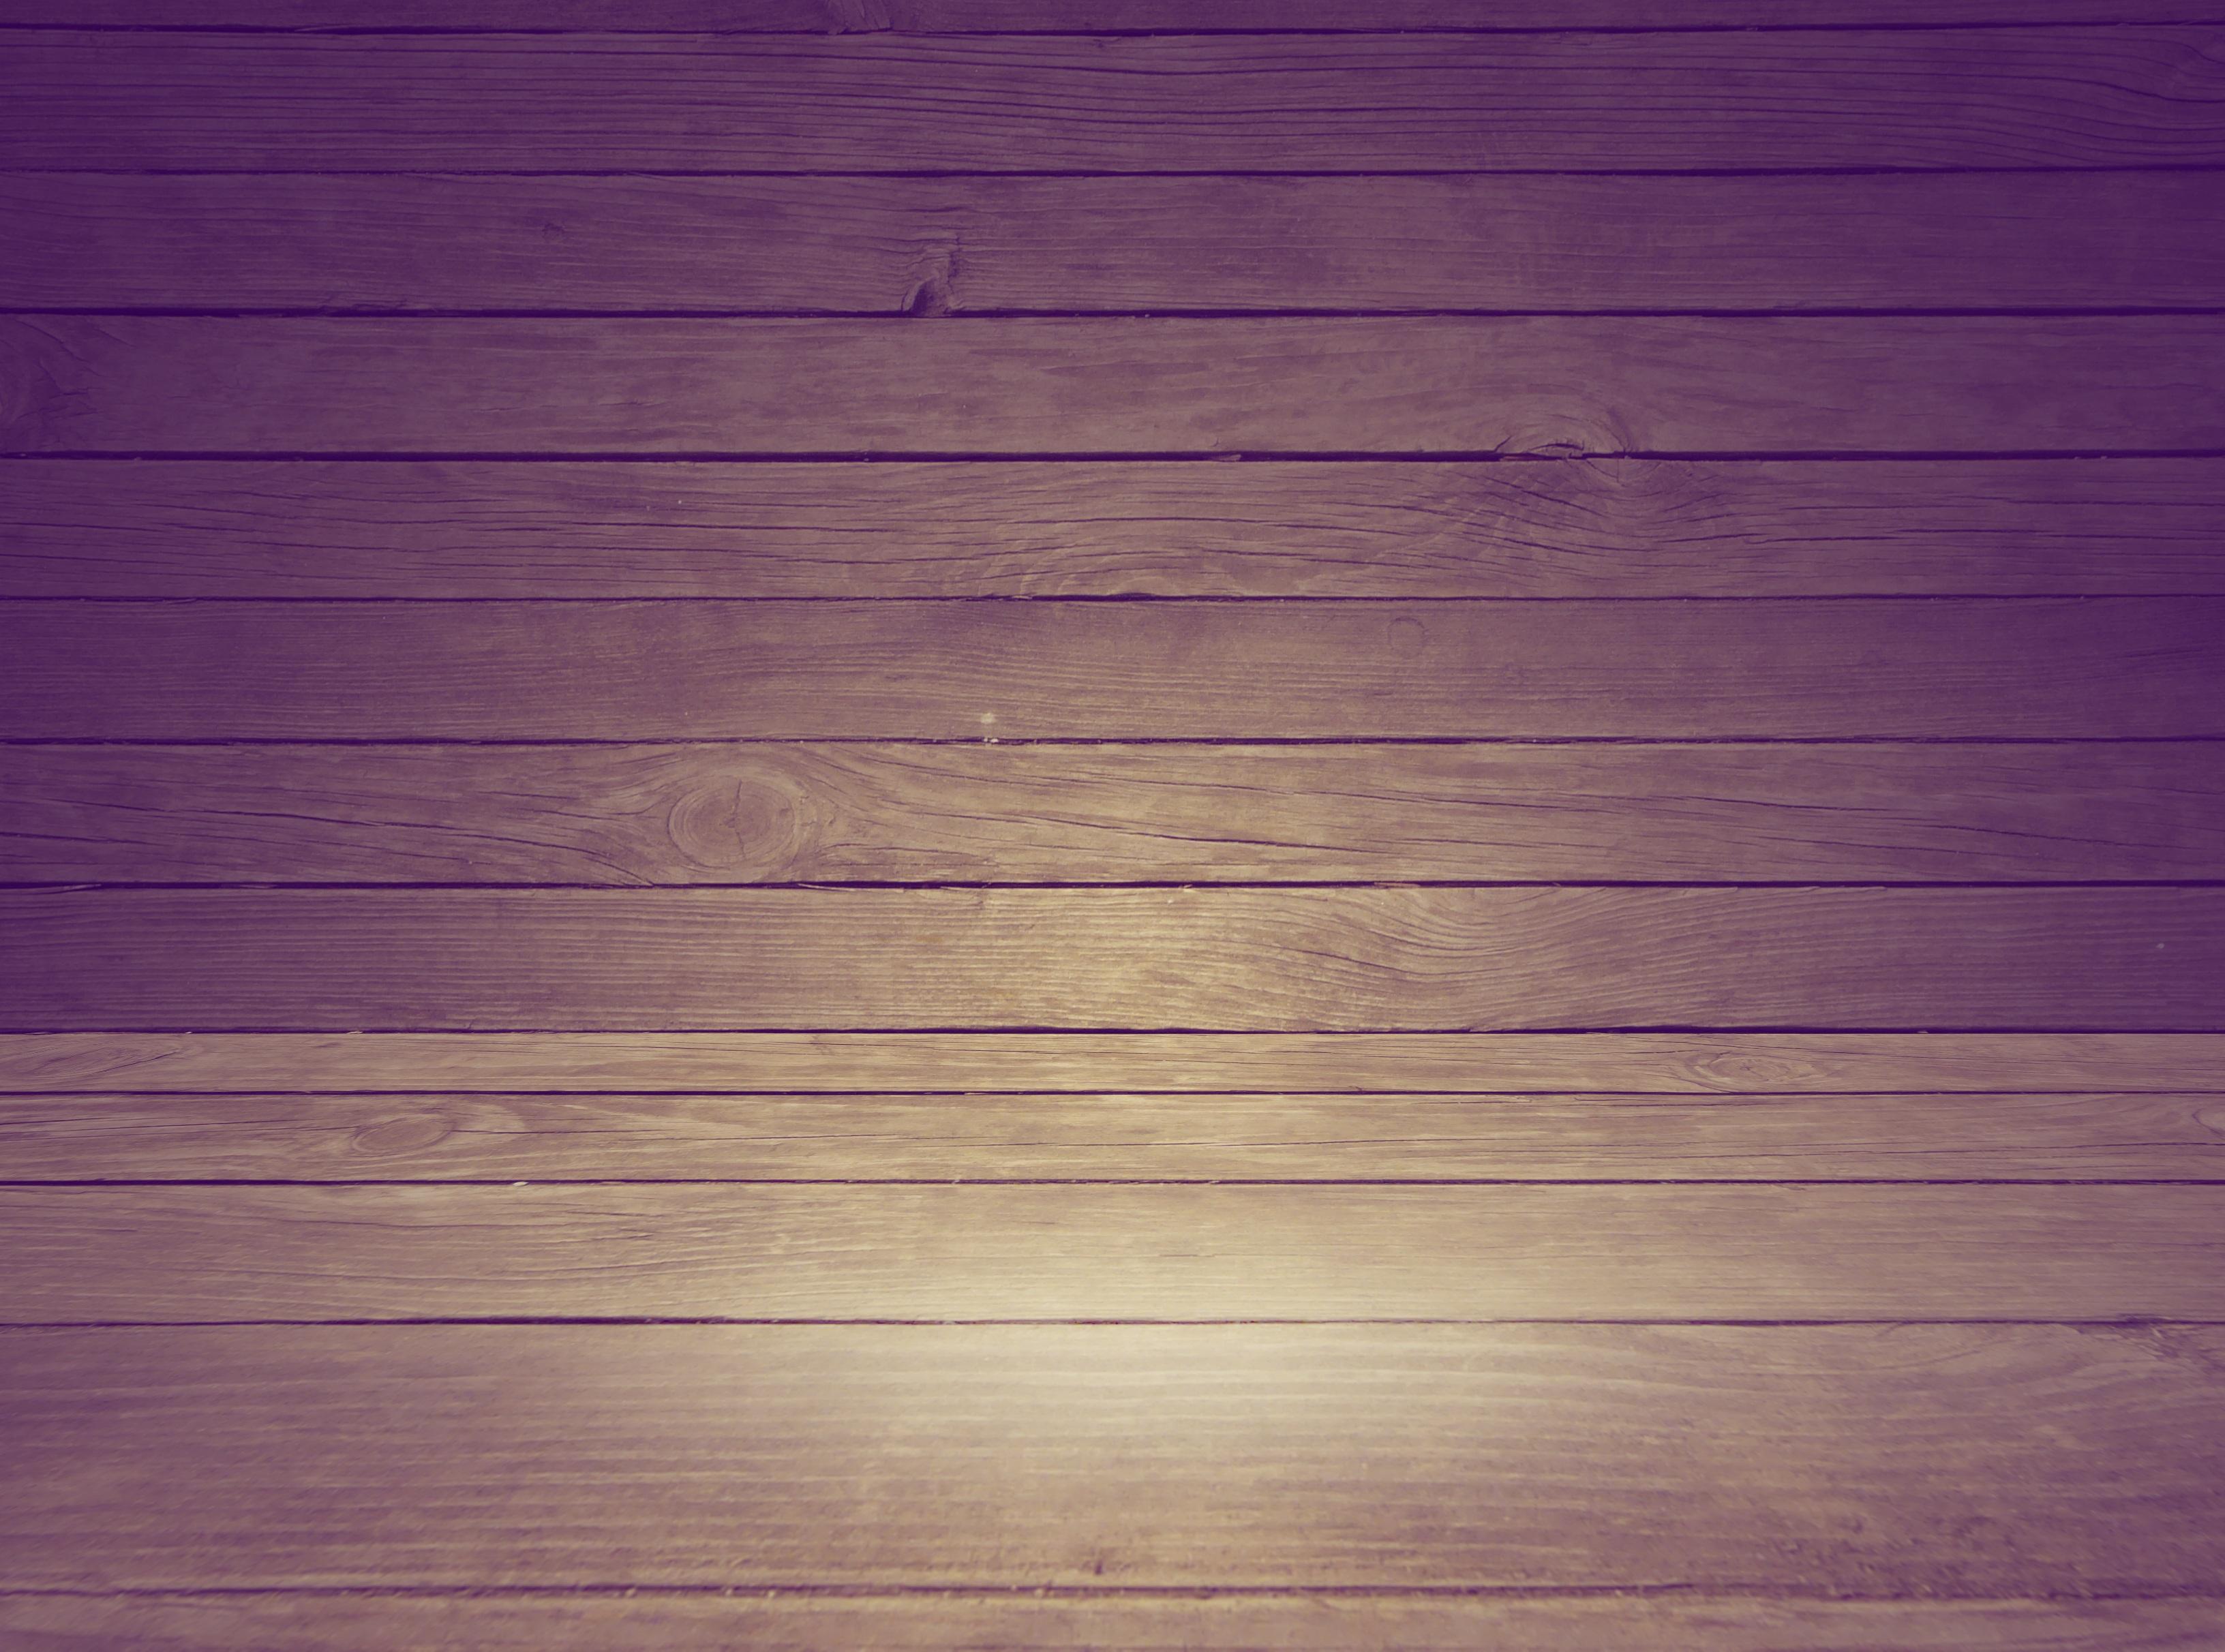 Images Gratuites : architecture, planche, grain, texture, violet ...